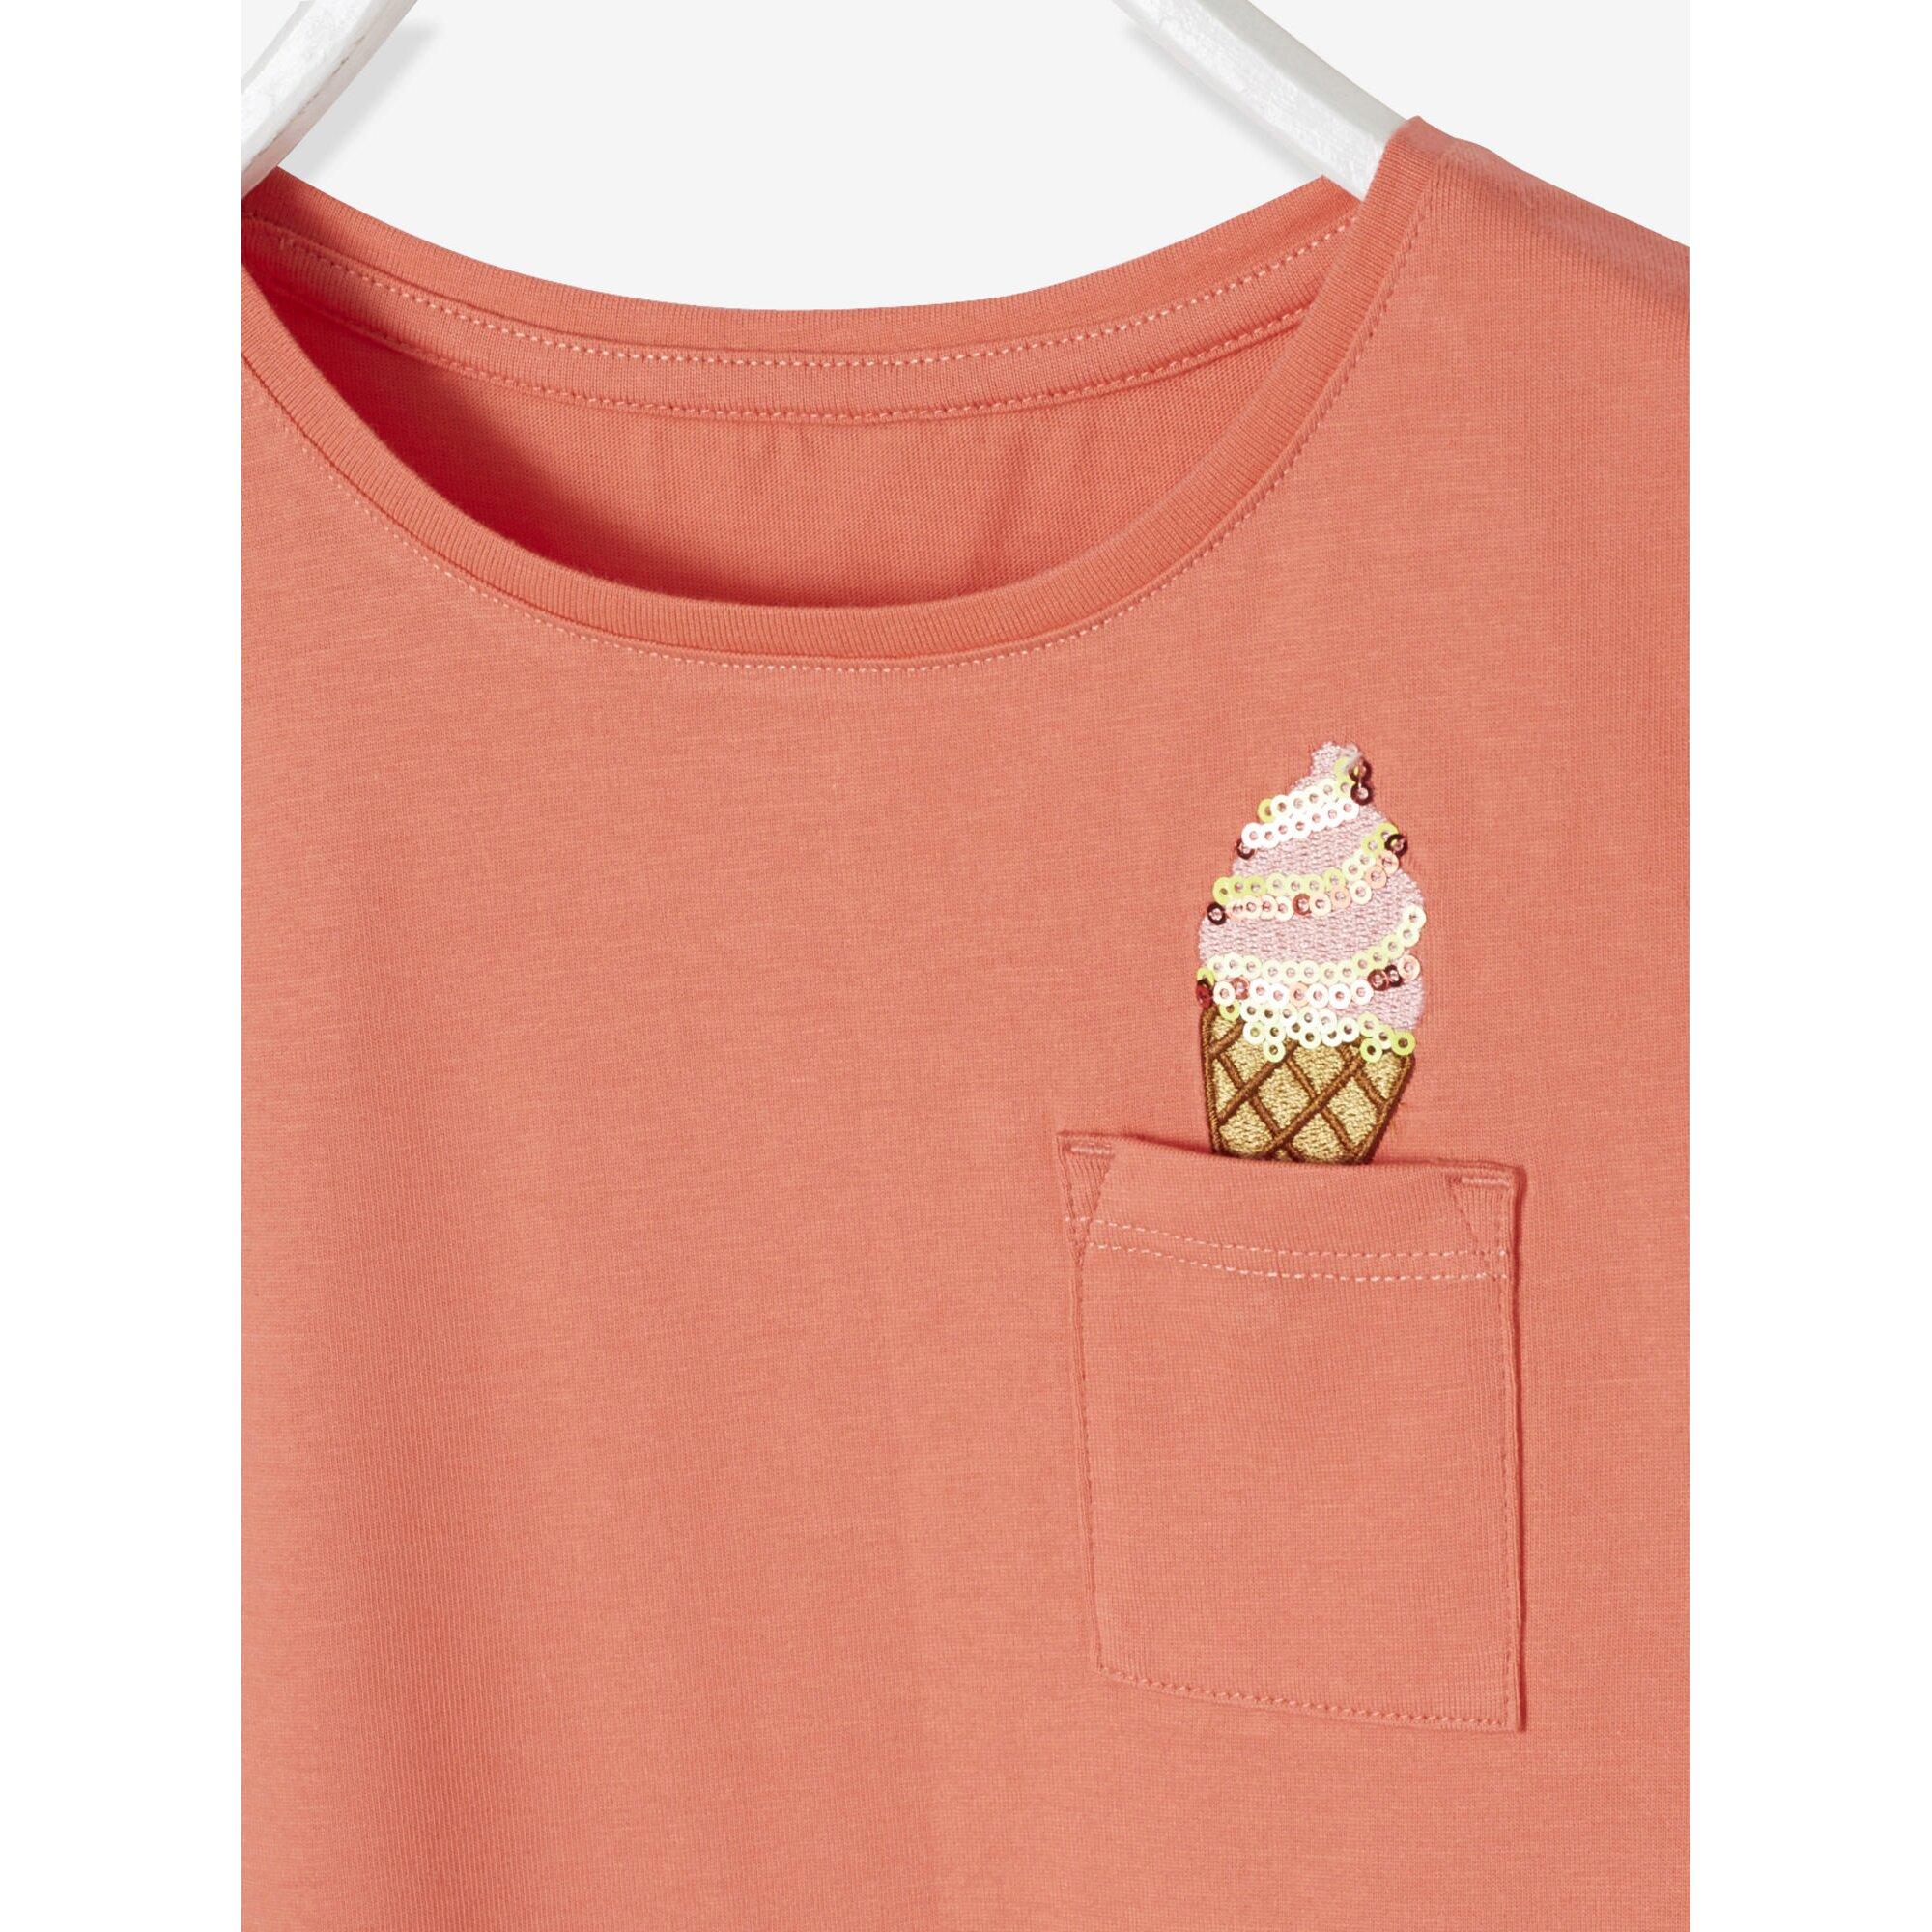 vertbaudet-madchen-t-shirt-mit-eismotiv-pailletten